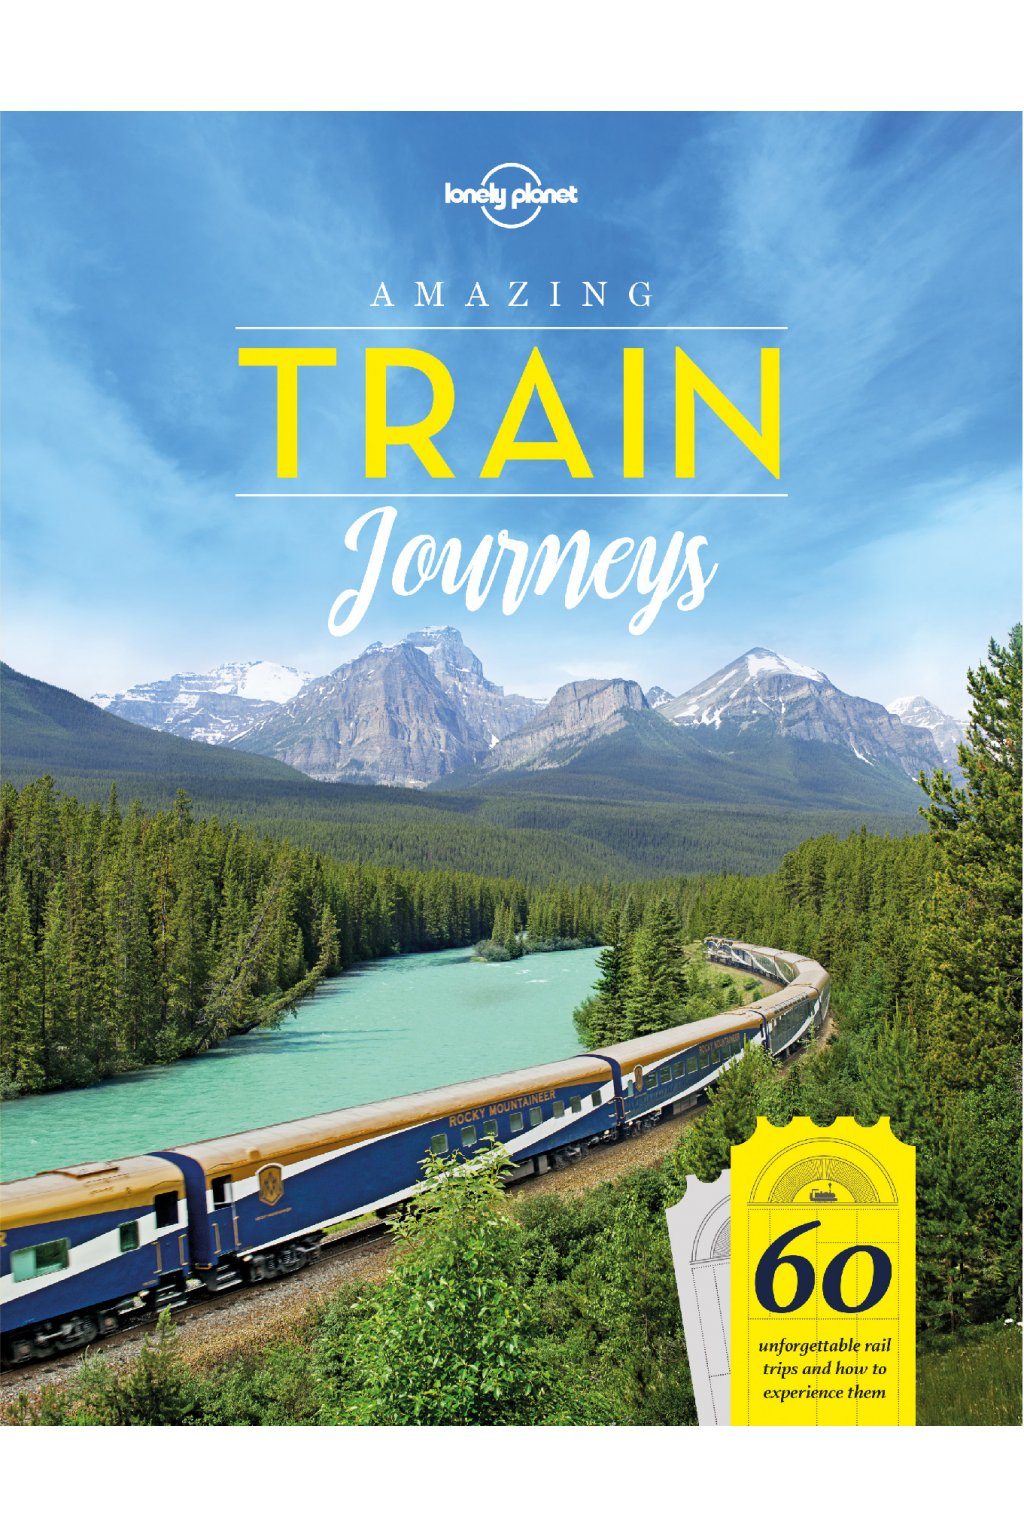 55467 Amaizing Train Journeys 1 9781787014305